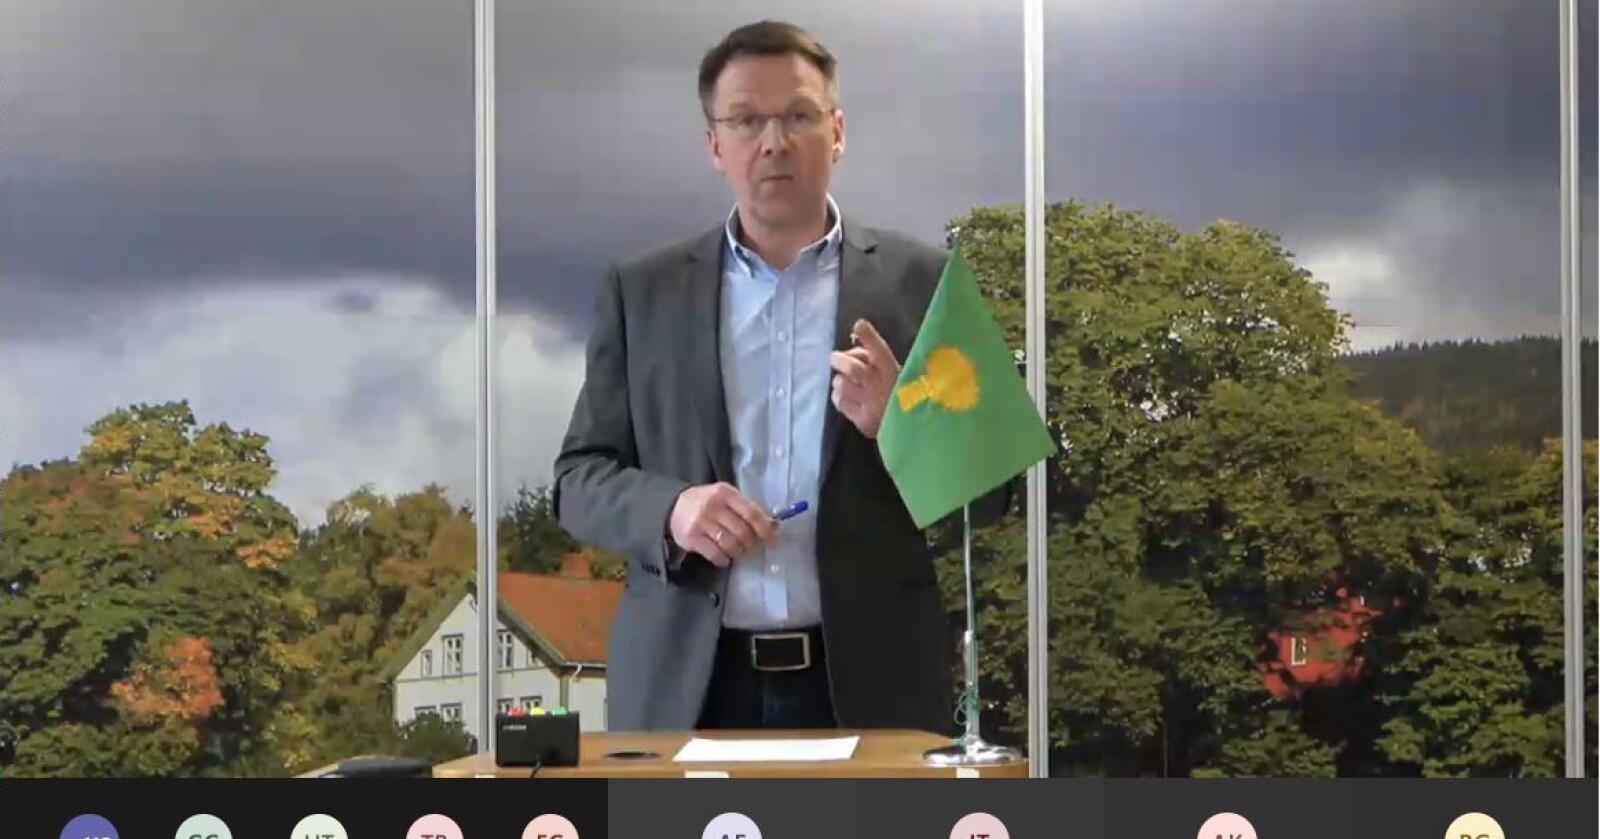 Økonomi: Lars Petter Bartnes under Bondelagets digitale repskapsmøte 25. mars 2021. (Foto: Iver Gamme)